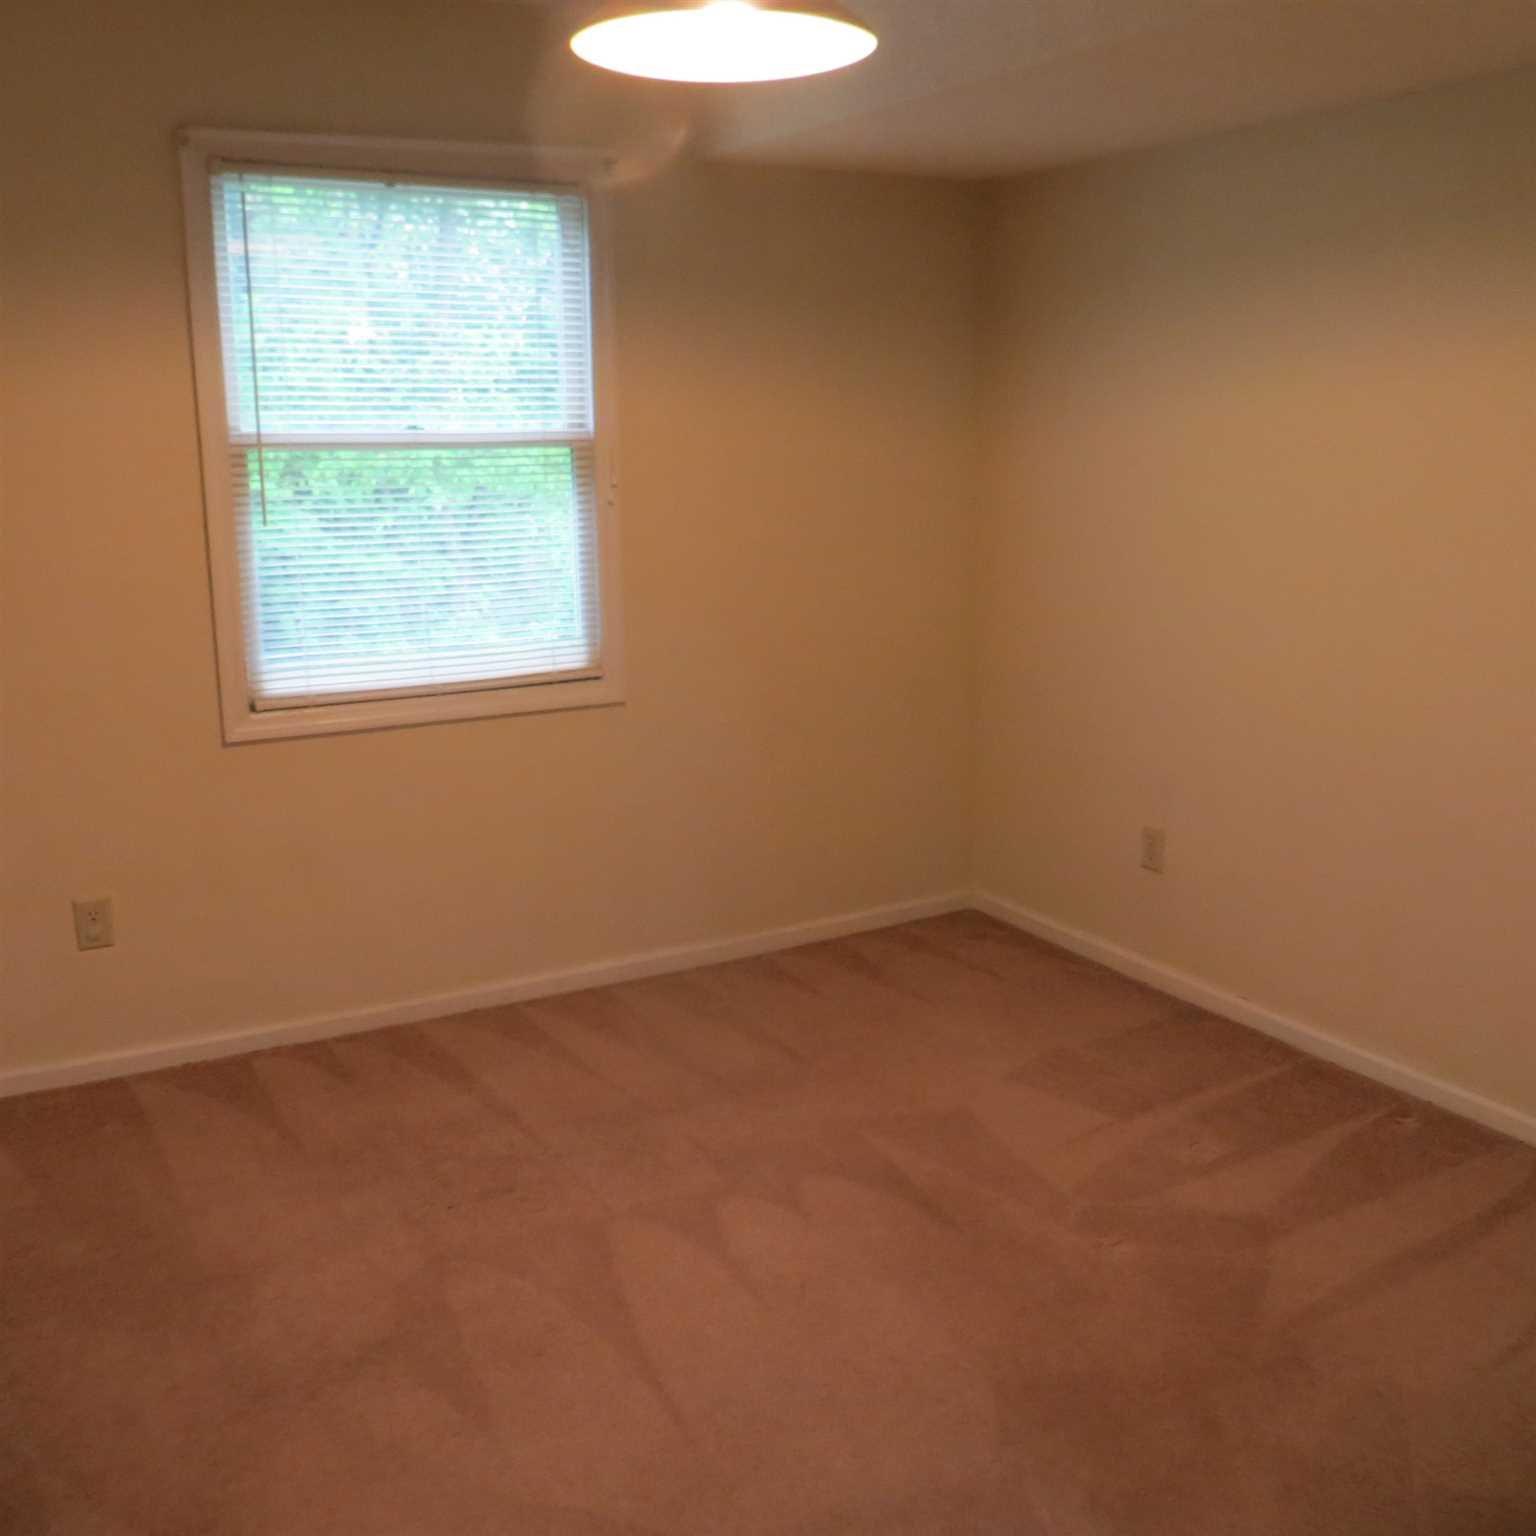 Additional photo for property listing at 16 BURNHAM Court 16 BURNHAM Court Fishkill, New York 12524 United States